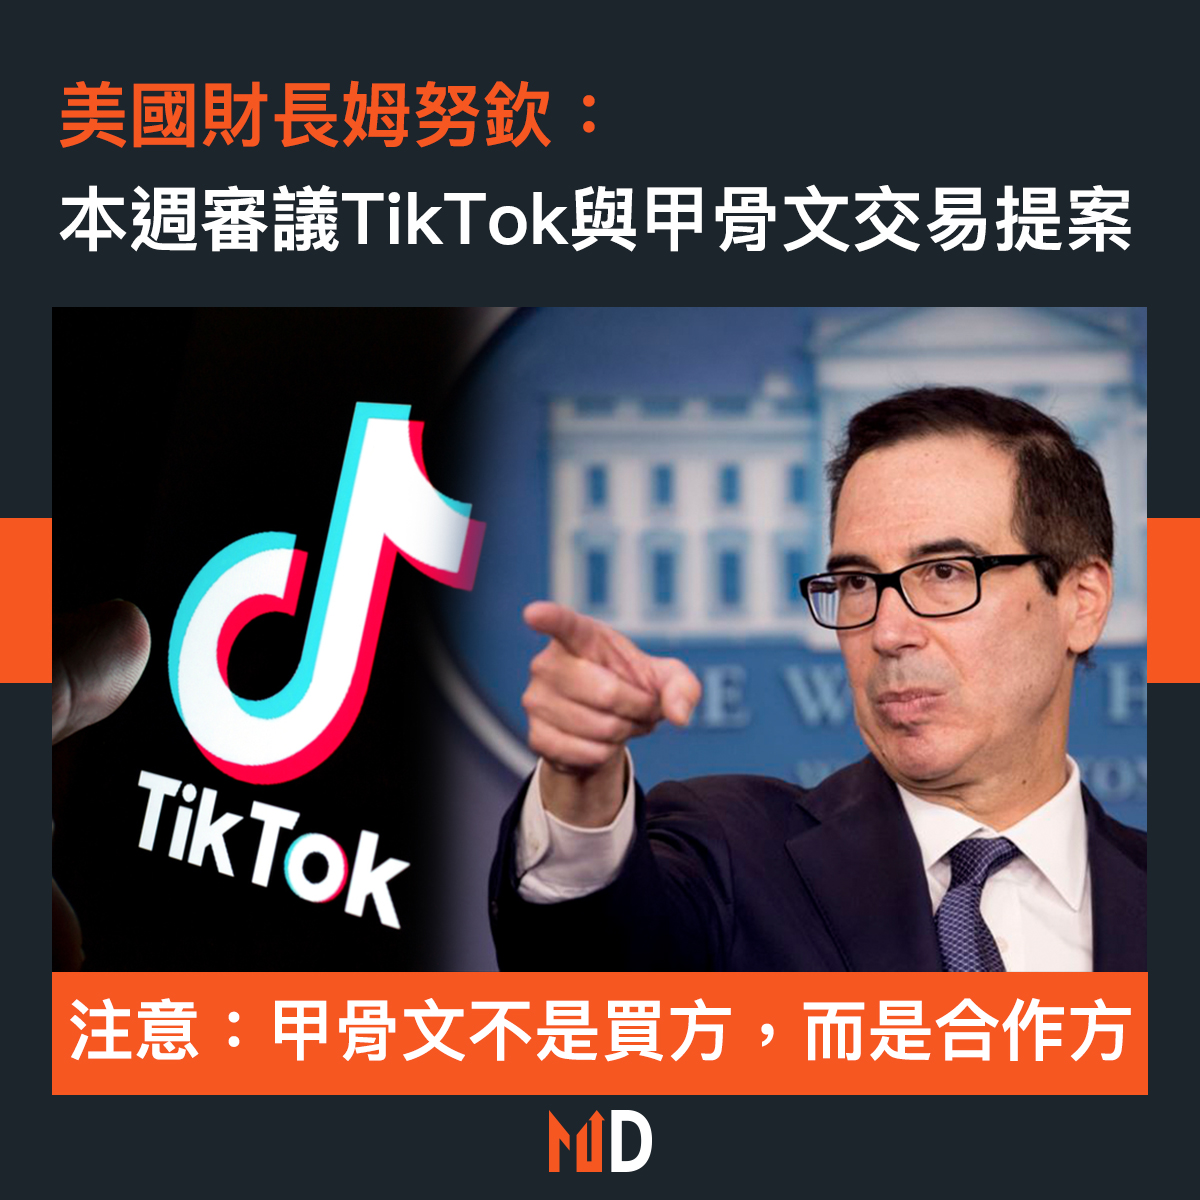 【市場熱話】美國財長姆努欽:本週審議TikTok與甲骨文交易提案